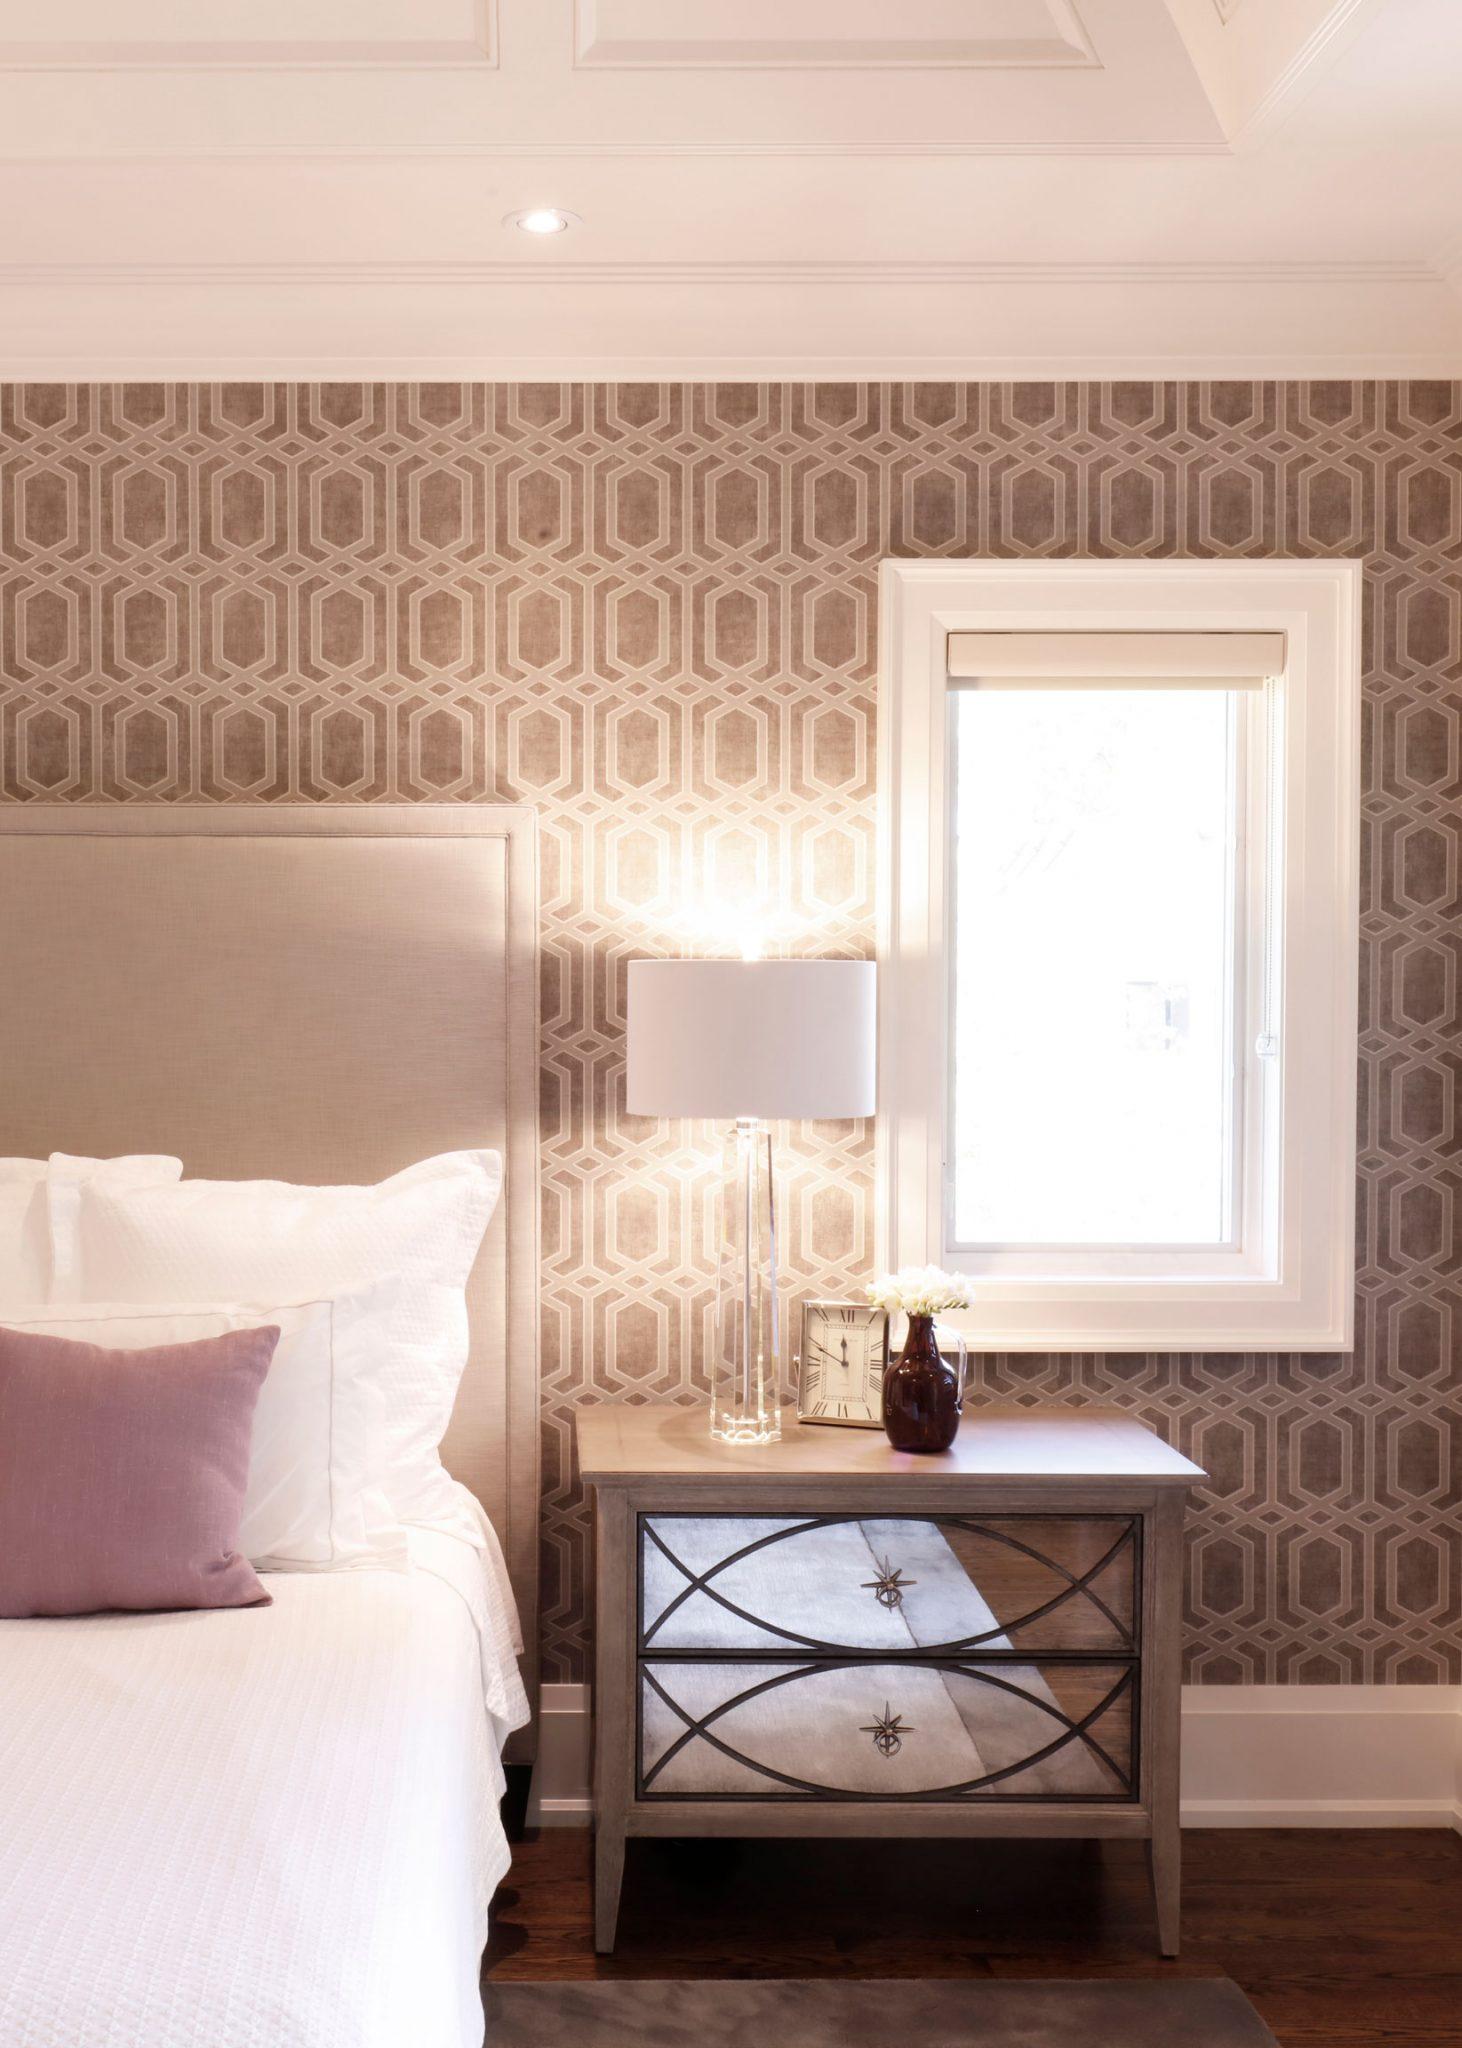 #9-FINAL-Master-Bedroom-Vignette-51A0536